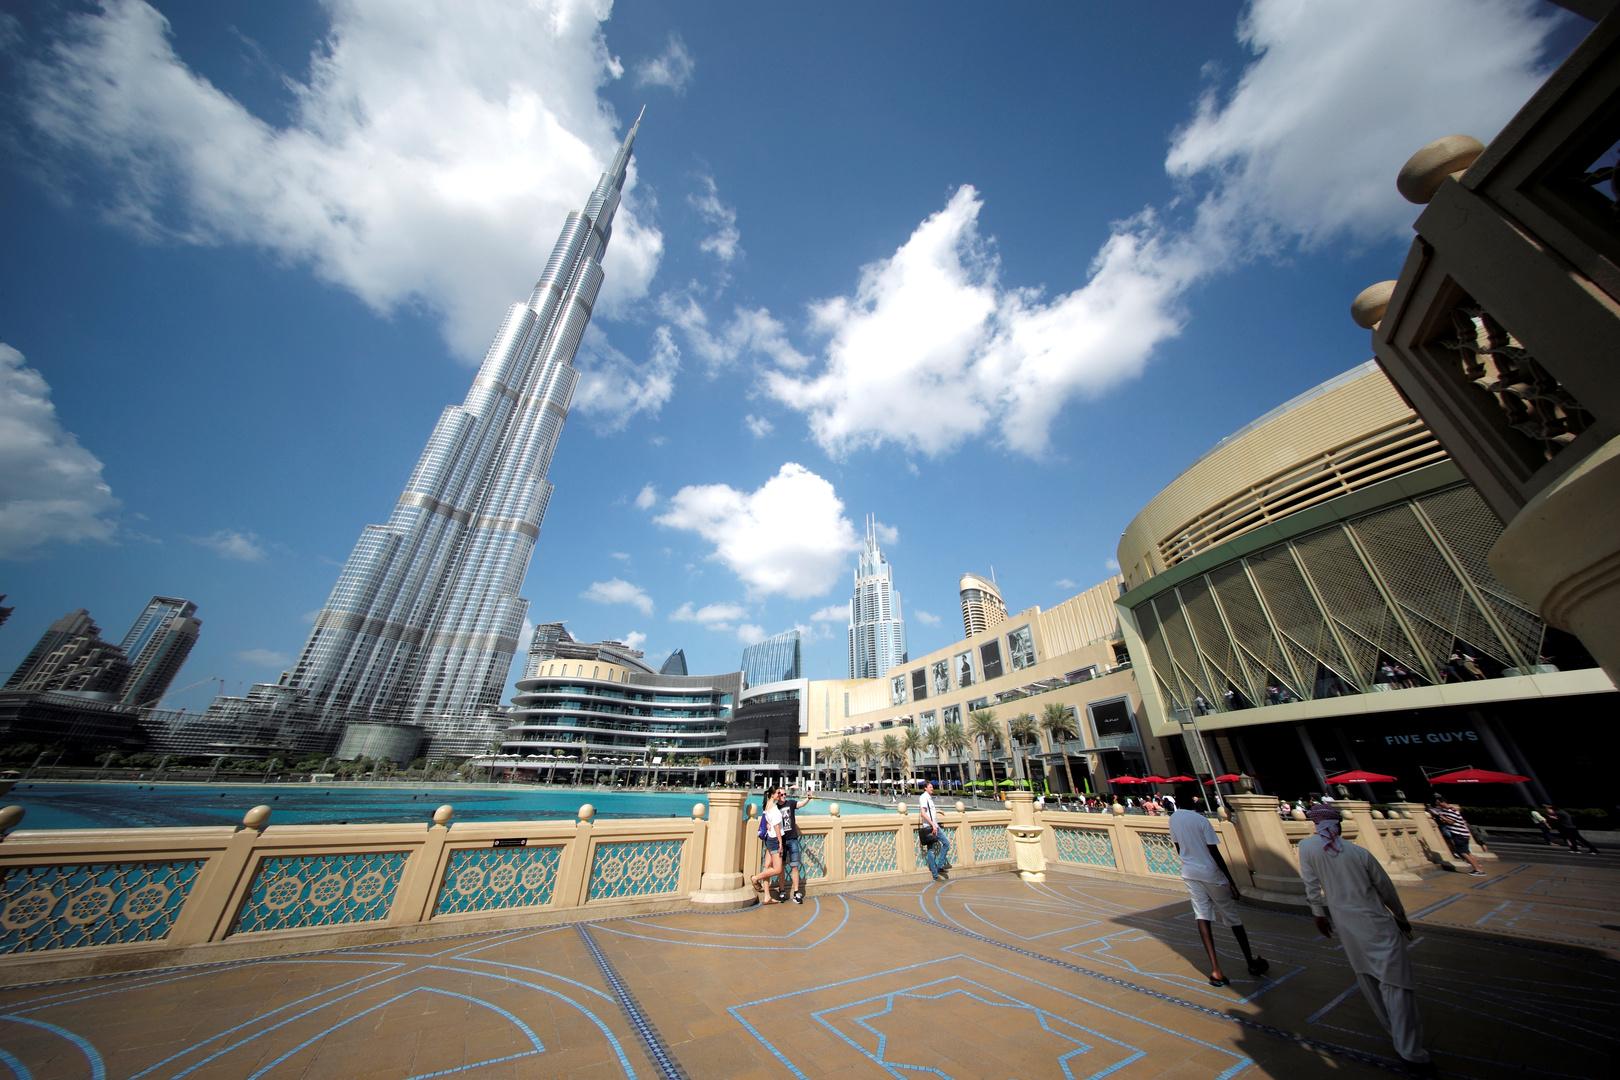 الإمارات تعلن القبض على أحد أخطر قيادات العصابات الدولية المنظمة في دبي بعملية نوعية